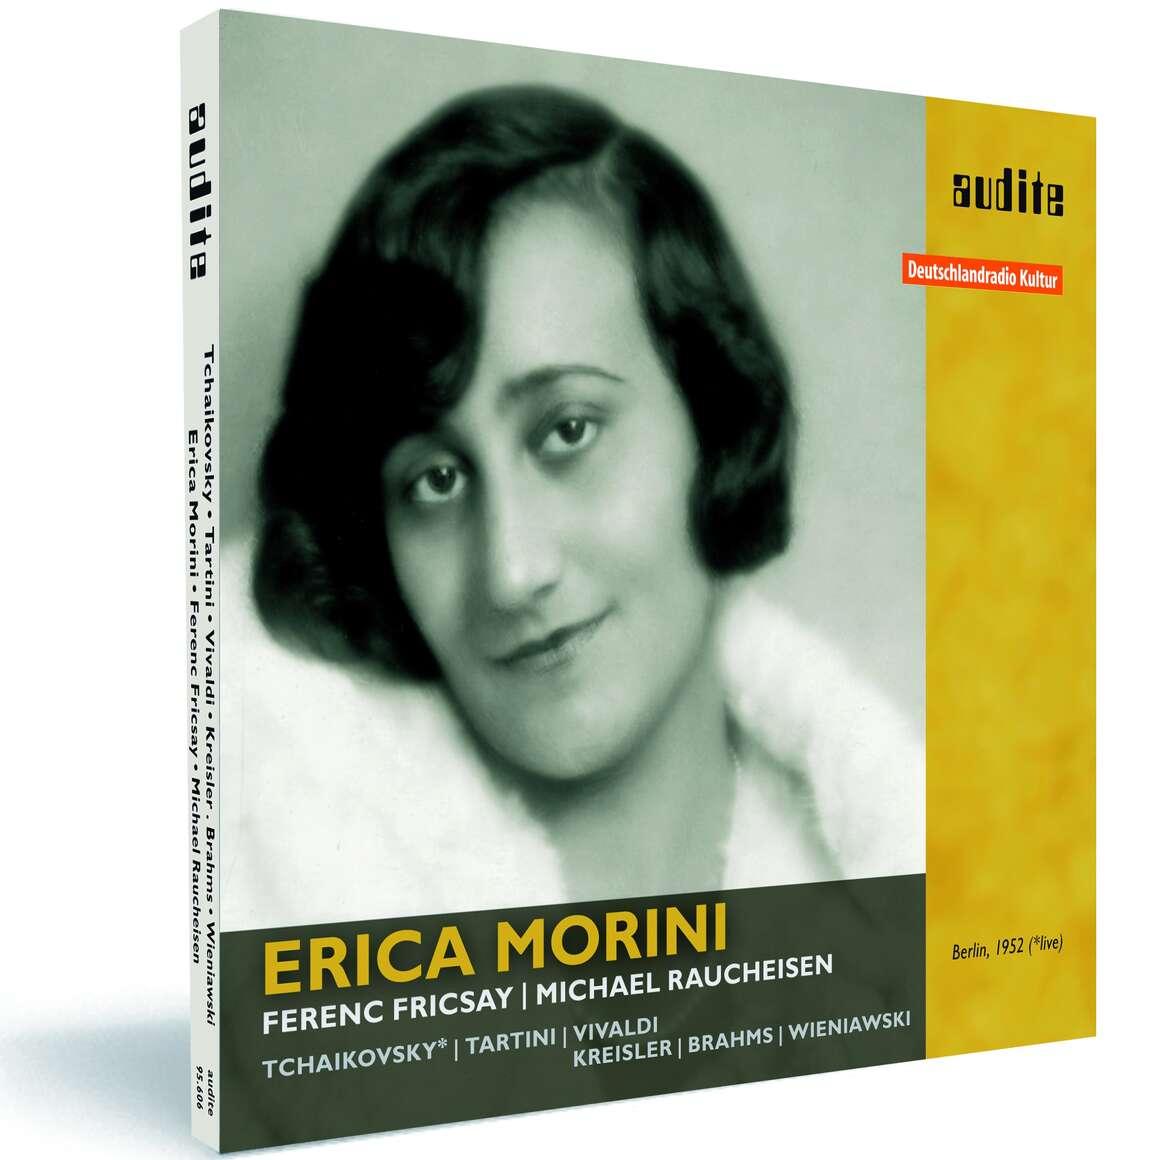 Erica Morini plays Tchaikovsky, Tartini, Vivaldi, Kreisler, Brahms and Wieniawski